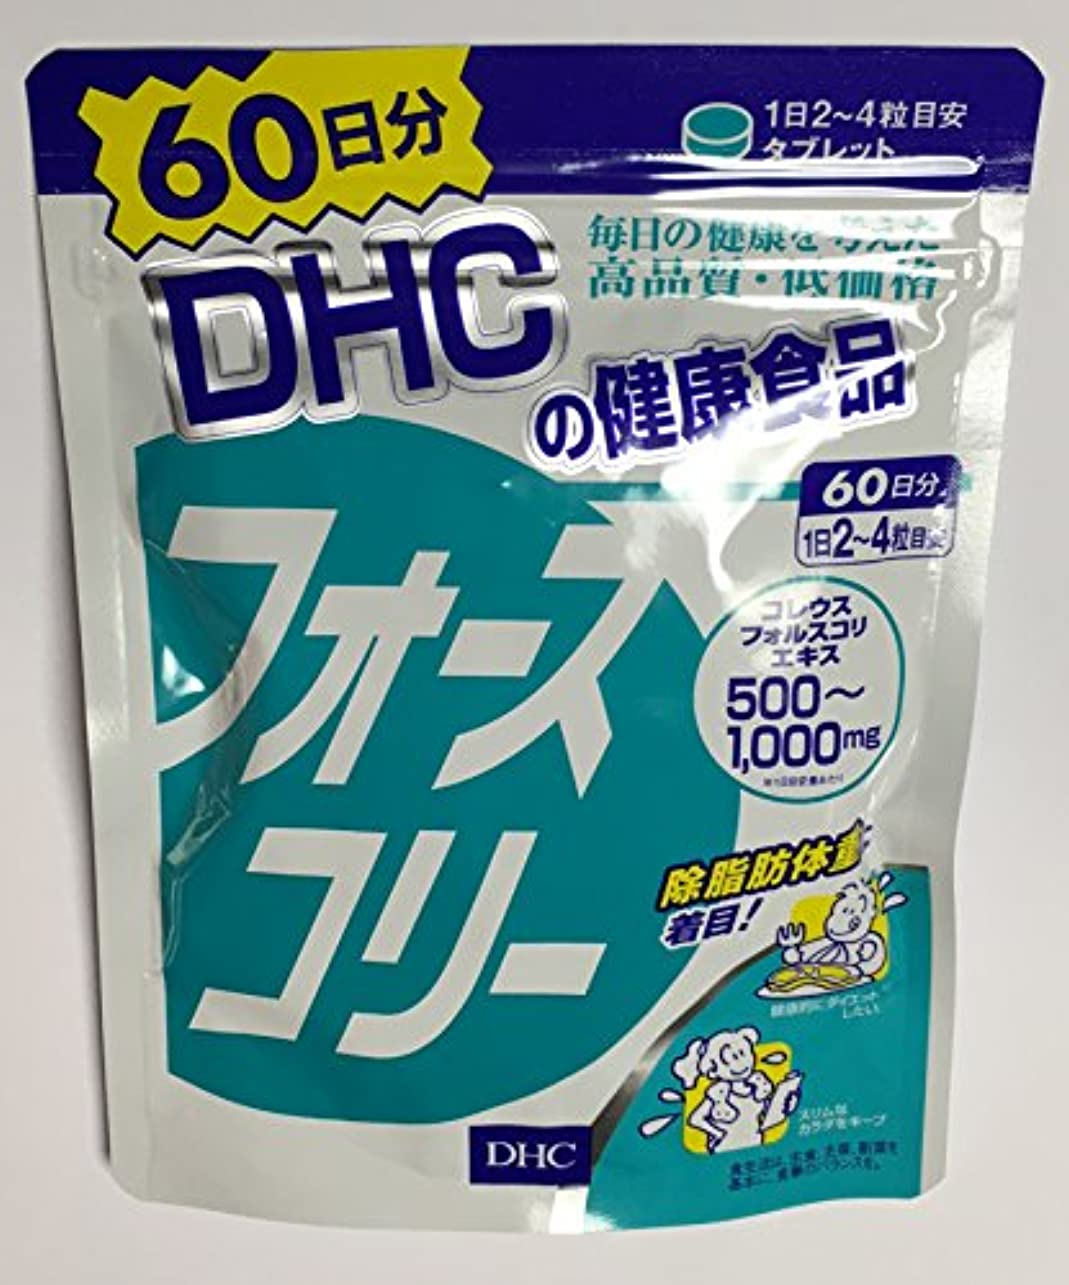 【大容量】DHC フォースコリー (60日分) 240粒